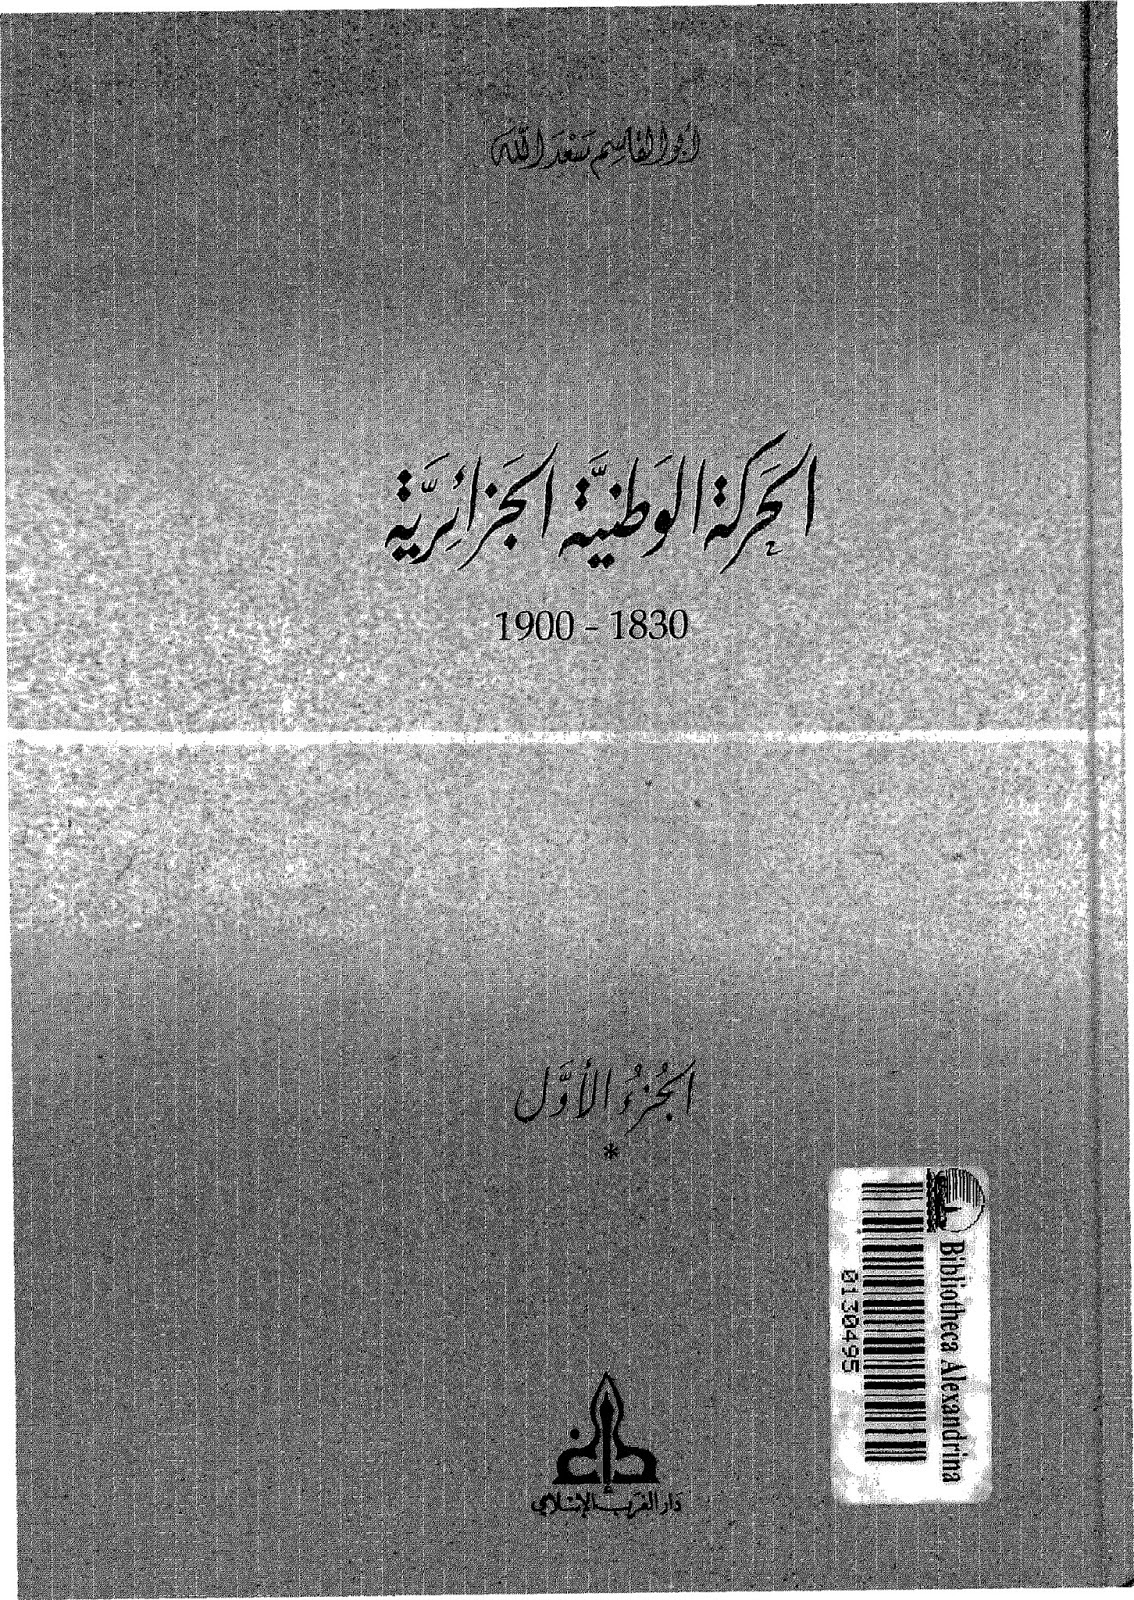 الحركة الوطنية الجزائرية ( 1830 - 1900 ) لـ أبو القاسم سعد الله